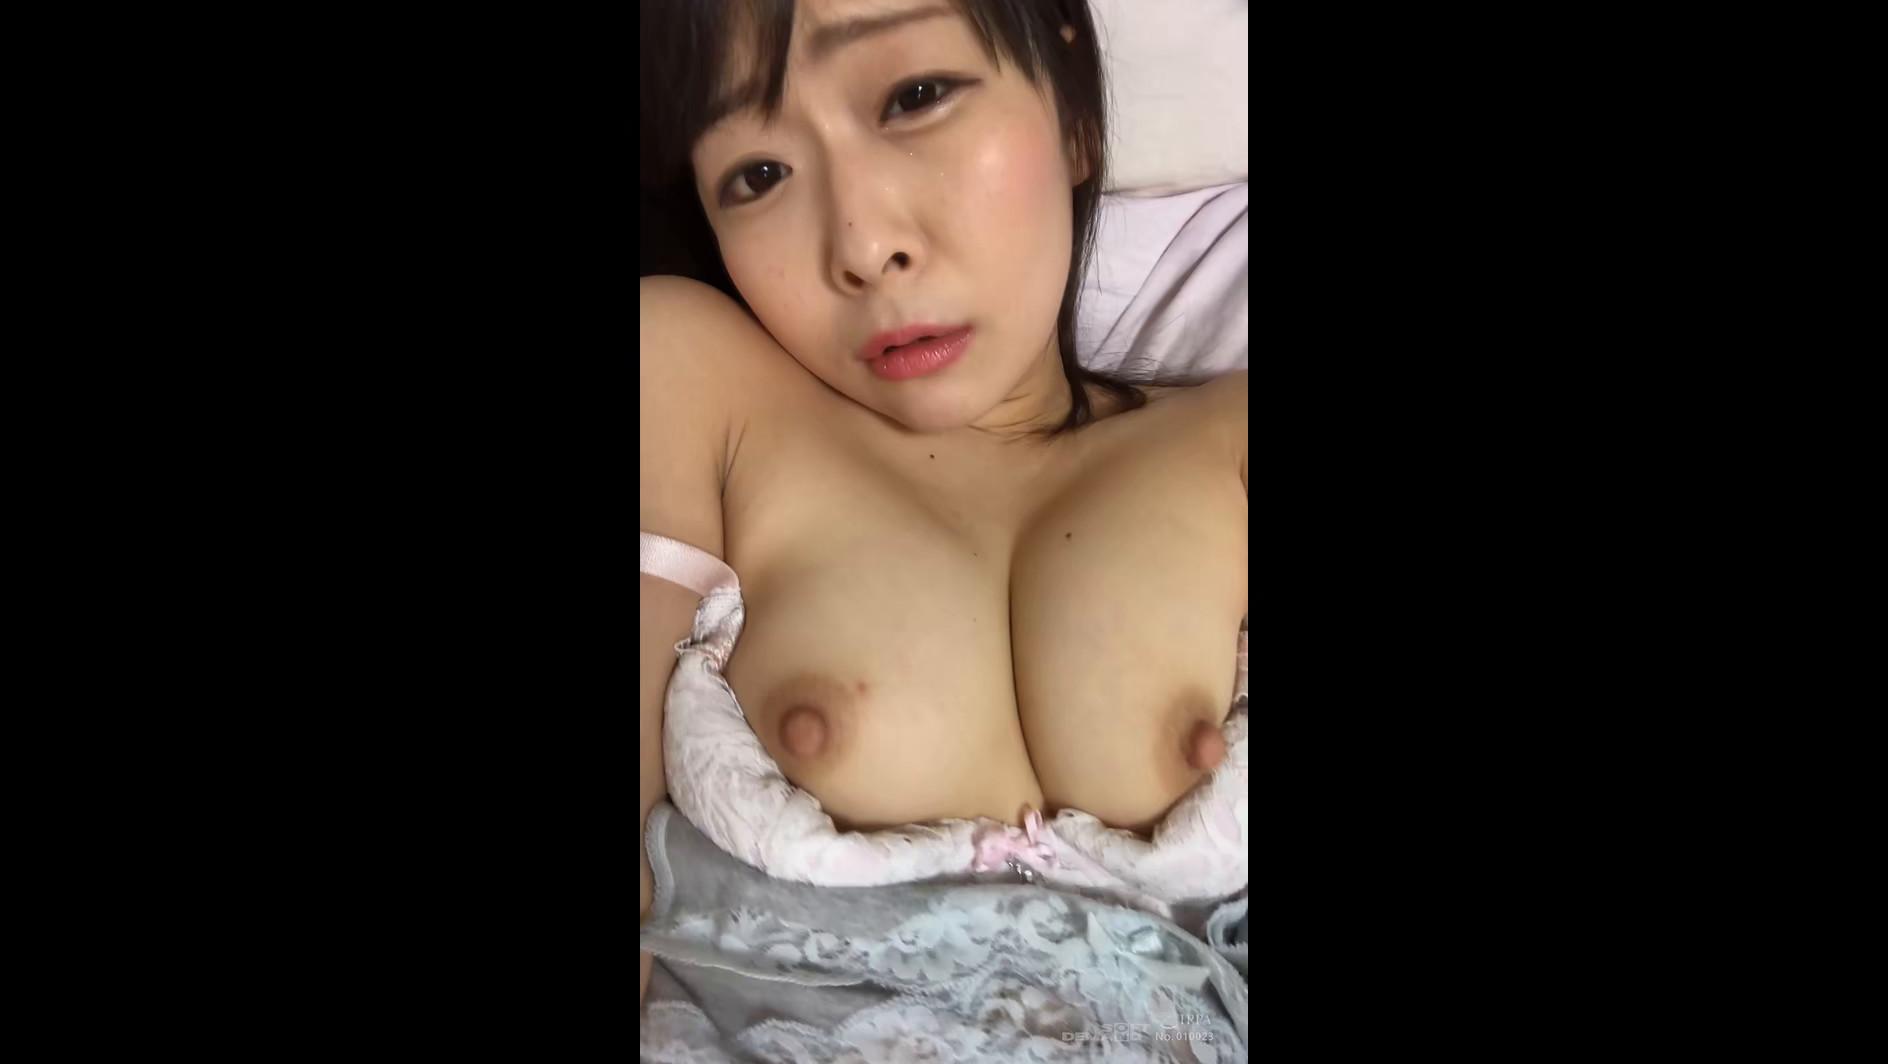 ビデオ通話エッチ JOIみおり 【縦動画】 画像8